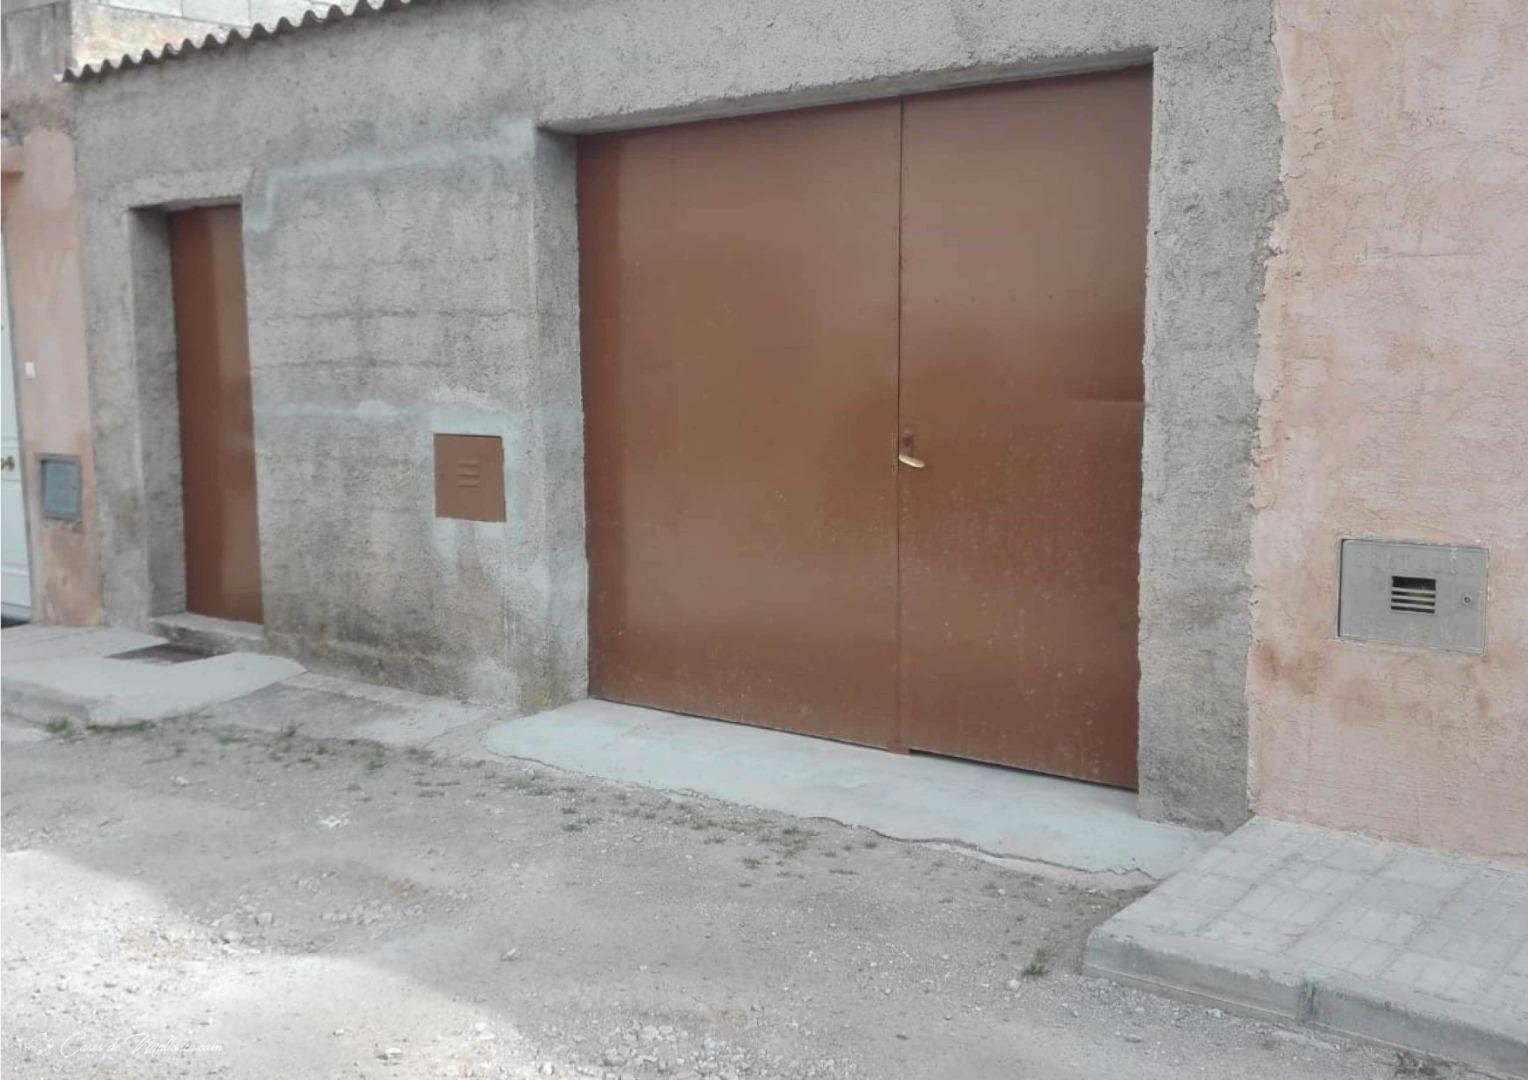 Location Maison  Carrer palma, 57. Casa en alquiler